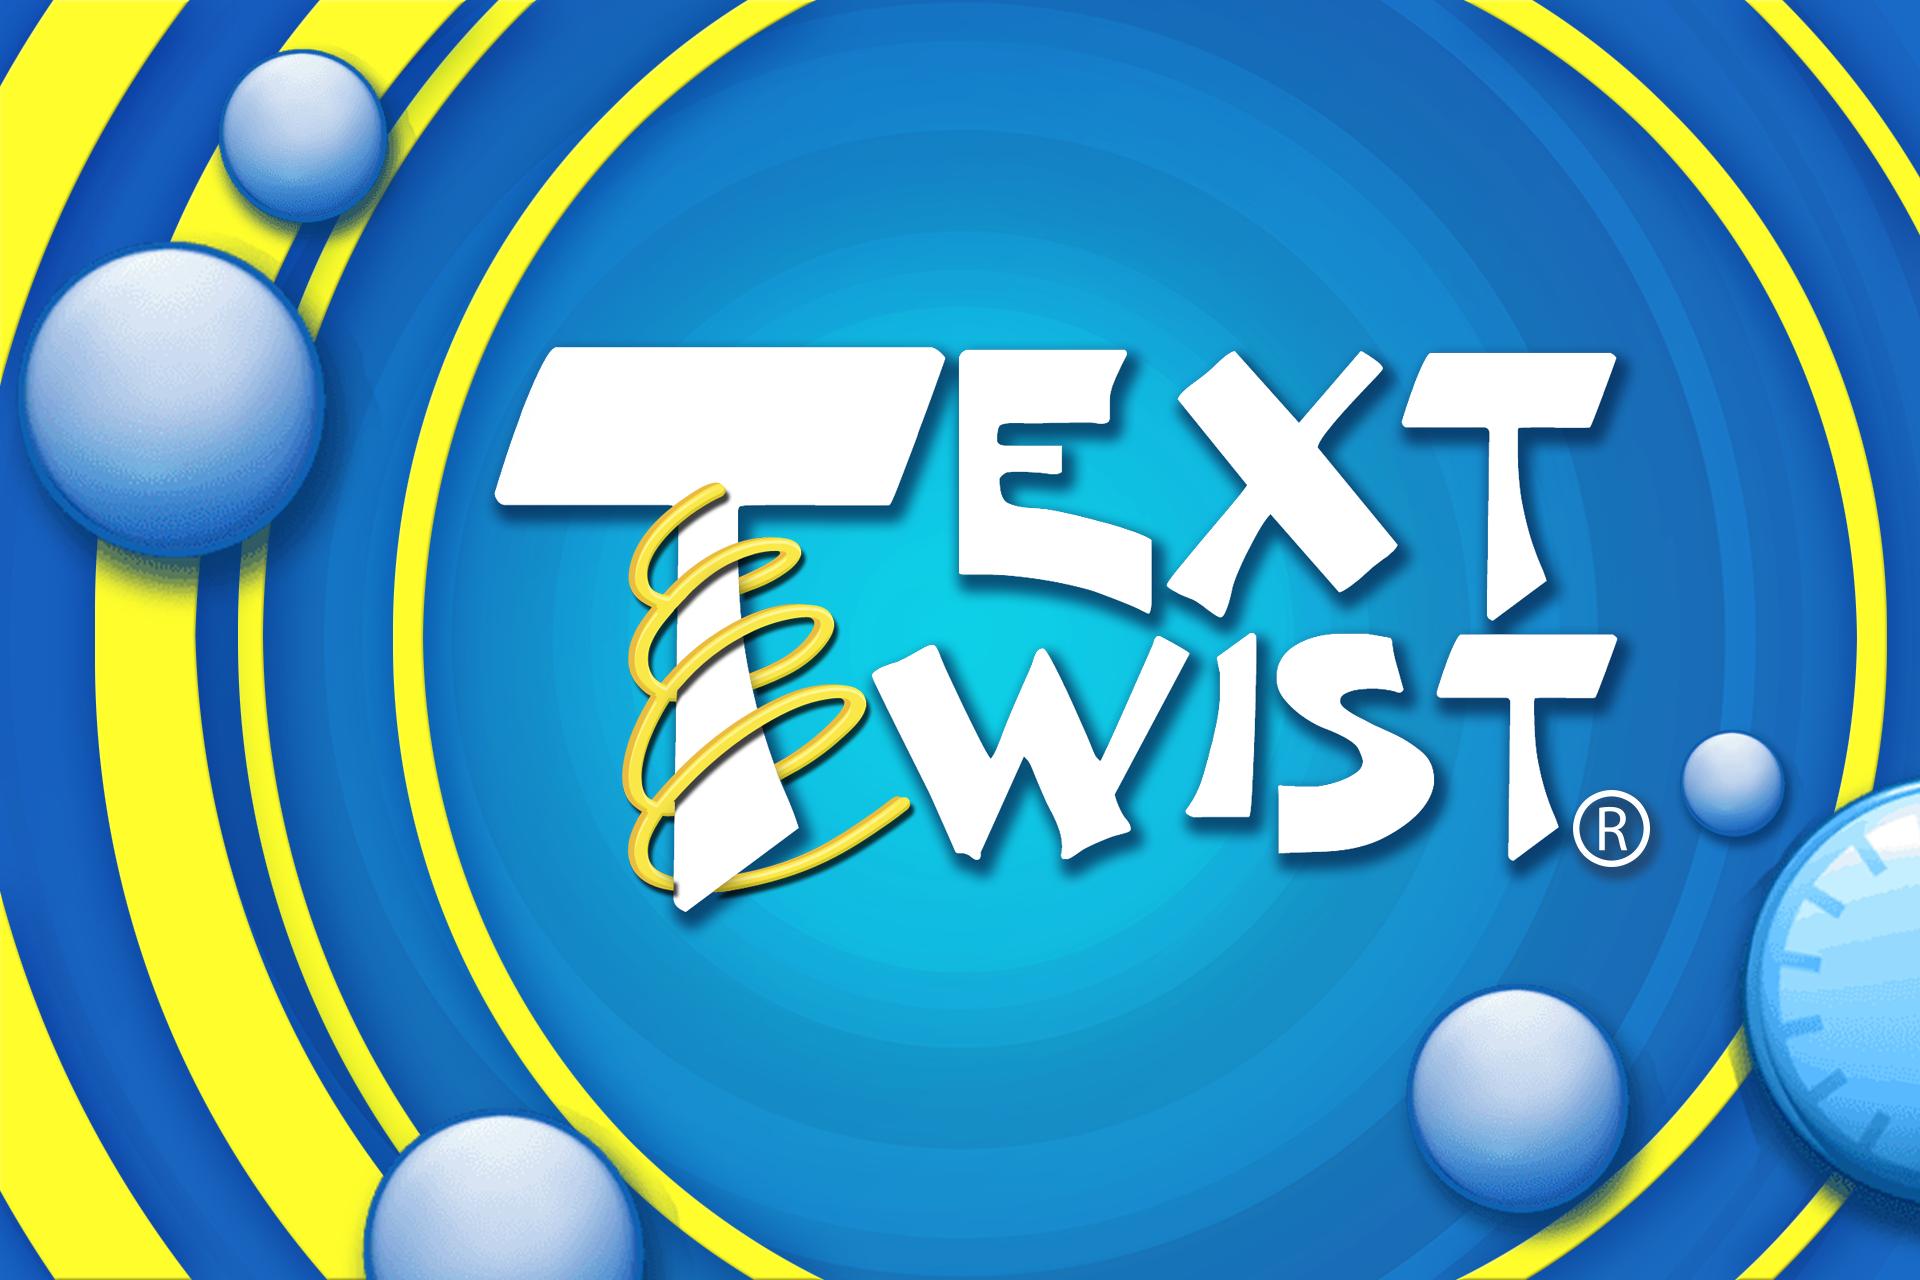 texttwist_1920x1280.png